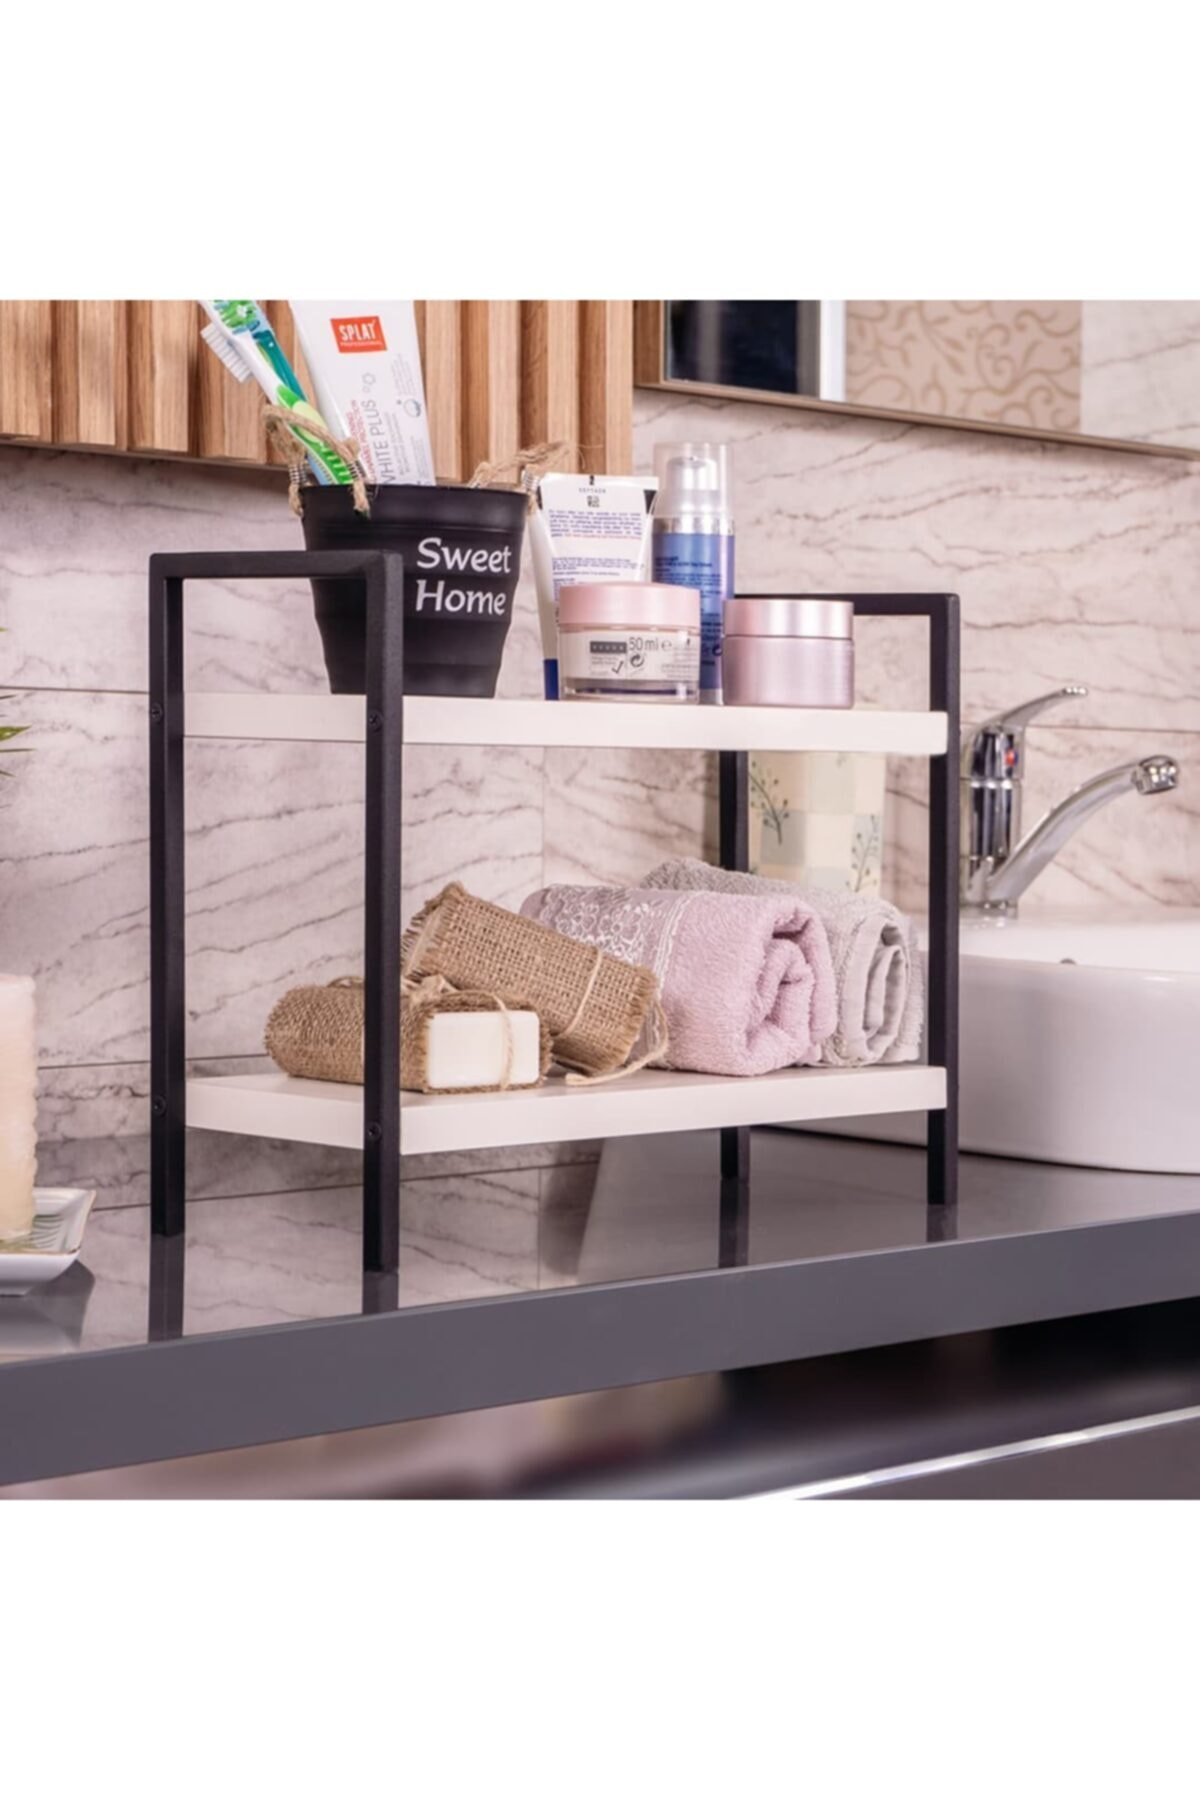 المعادن الجدول خدمة الرف الزخرفية المطبخ الحمام الجرف المنظم رف توابل